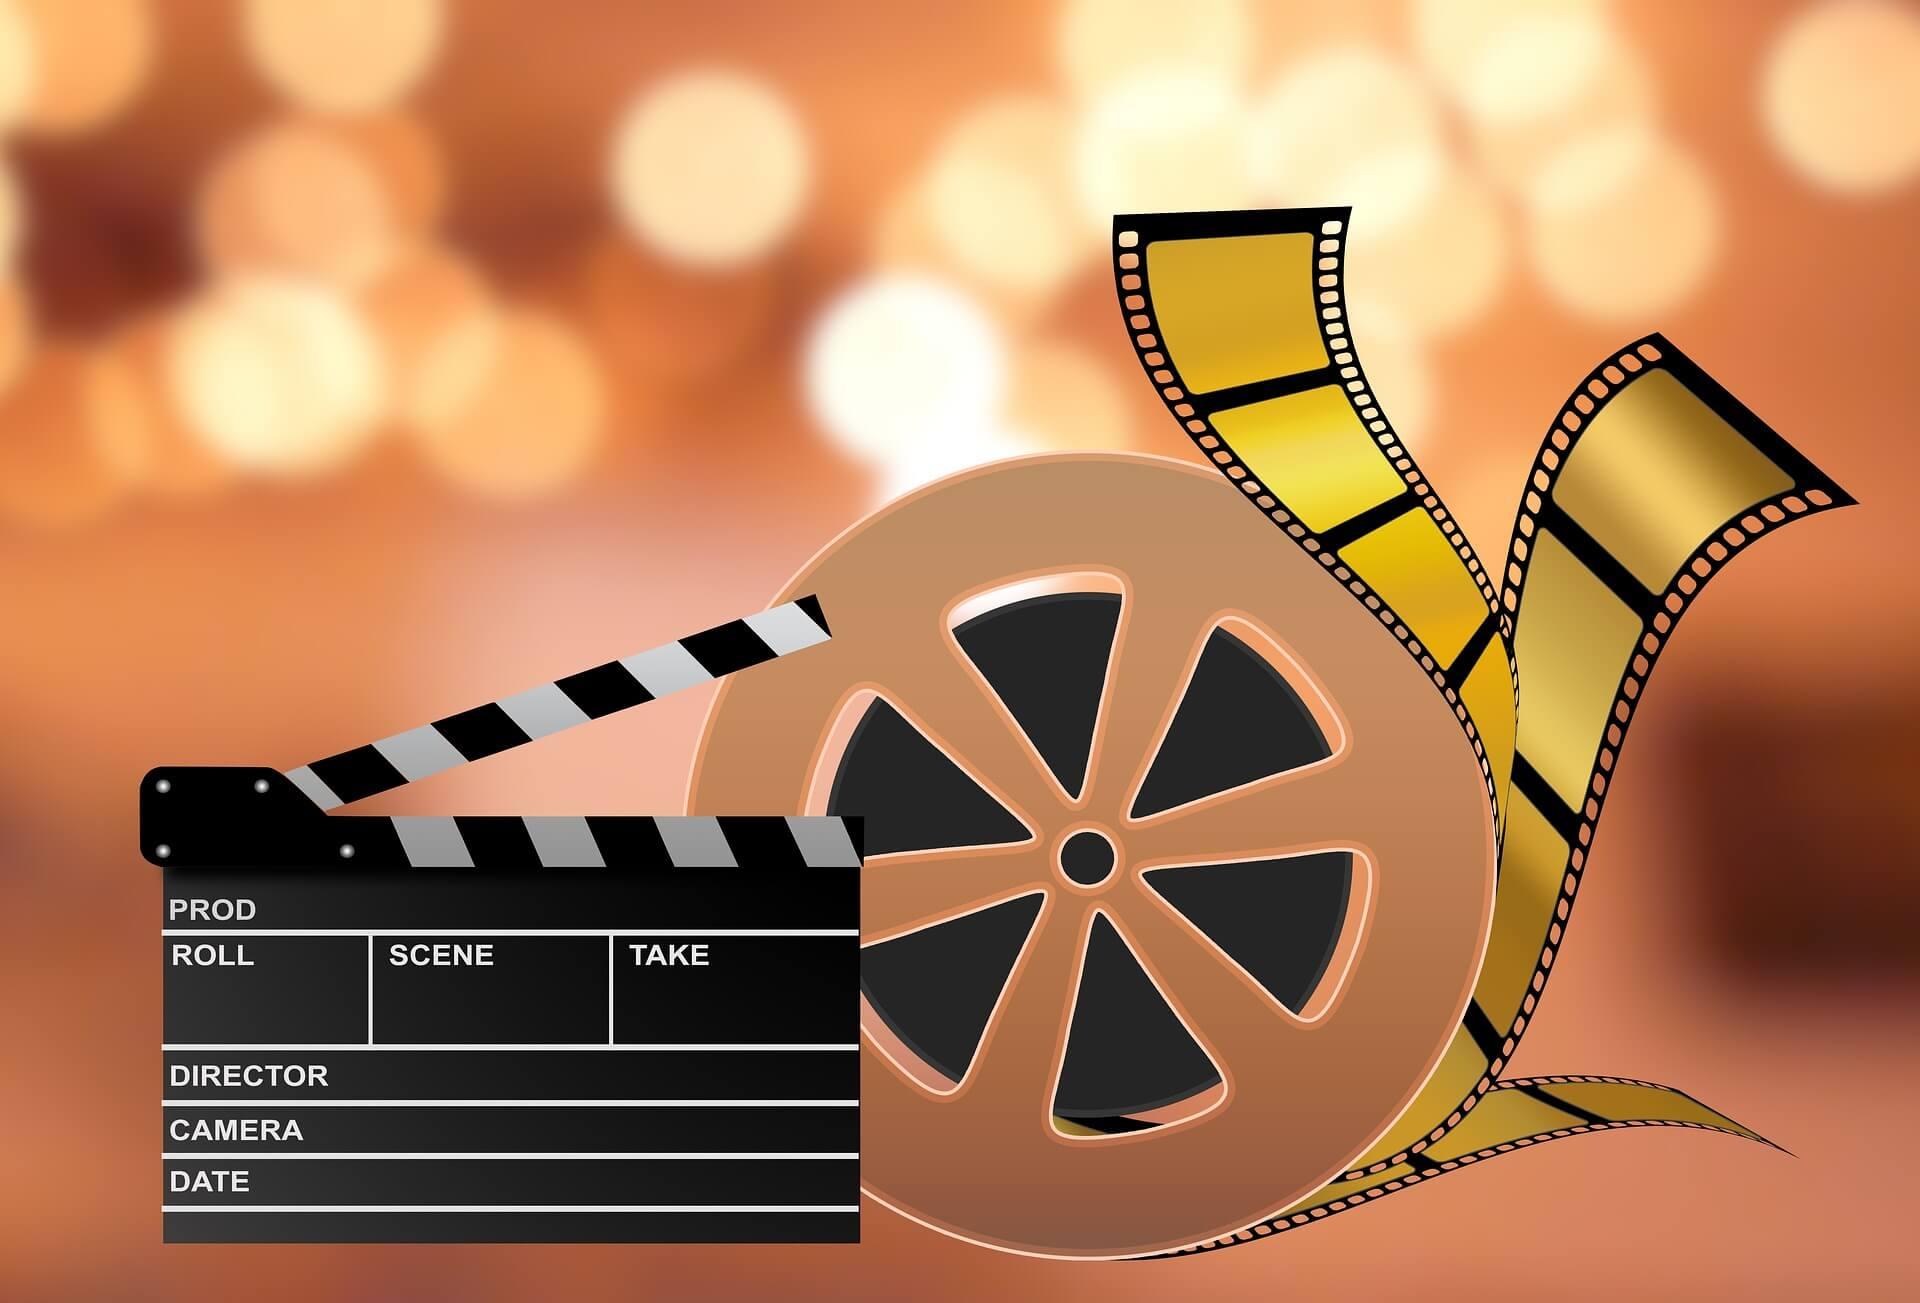 Во ВГИКе пройдет конкурс видеороликов